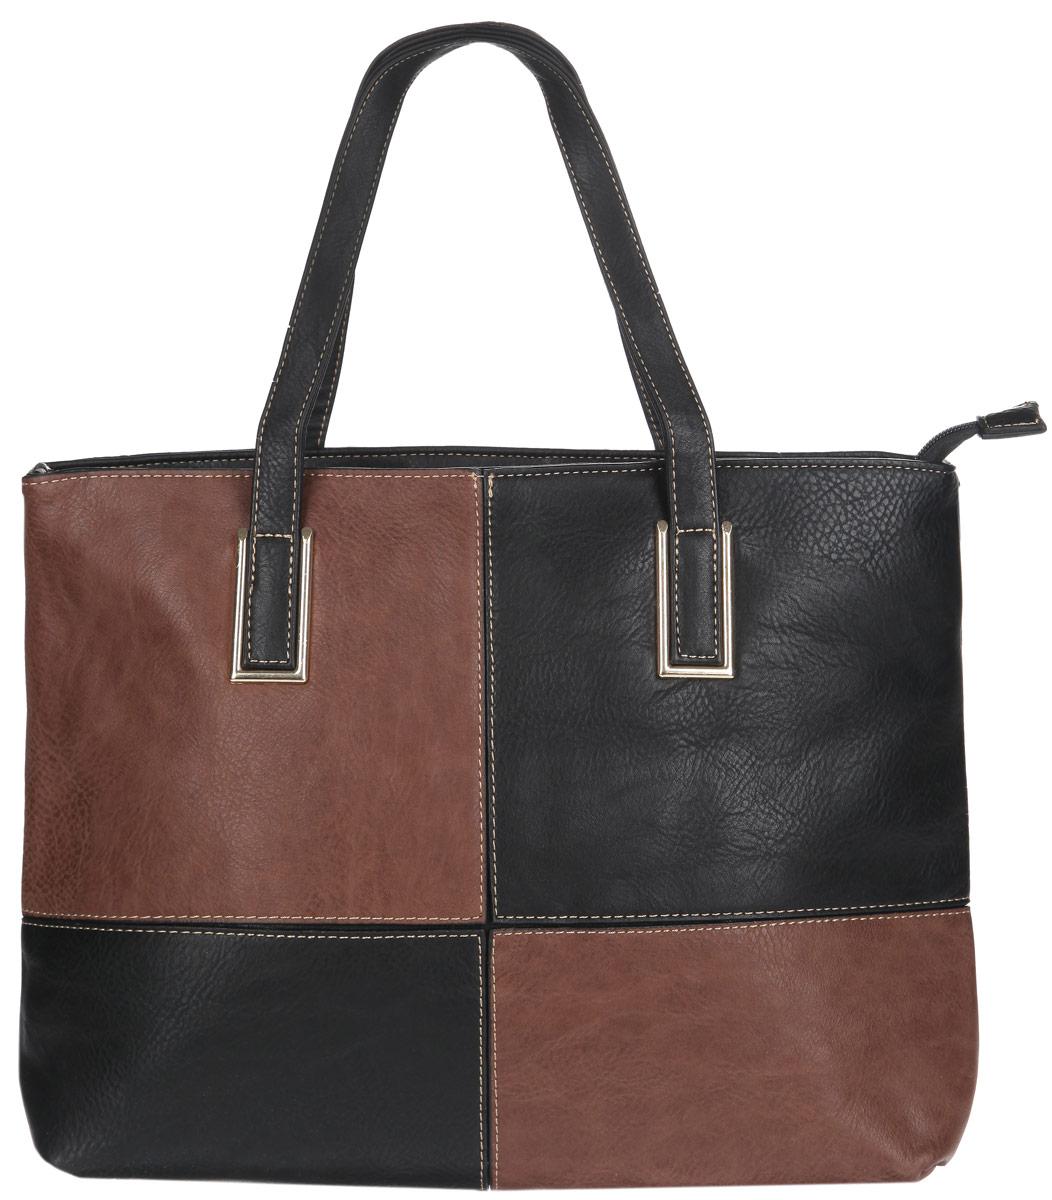 Сумка женская Flioraj, цвет: черный, коричневый. 3232 черн коричнСтильная сумка Flioraj выполнена из экокожи, дополнена вставками из экокожи контрастных оттенков и оформлена контрастной строчкой. Изделие содержит одно отделение, которое закрывается на молнию, внутри расположены два накладных кармана для телефона и мелочей, врезной карман на молнии и карман-средник на молнии. Снаружи, в тыльной стенке сумки расположен врезной карман на молнии. Изделие дополнено двумя практичными ручками с металлической фурнитурой. Дно сумки оснащено металлическими ножками. Сумка Flioraj прекрасно дополнит образ и подчеркнет ваш неповторимый стиль.